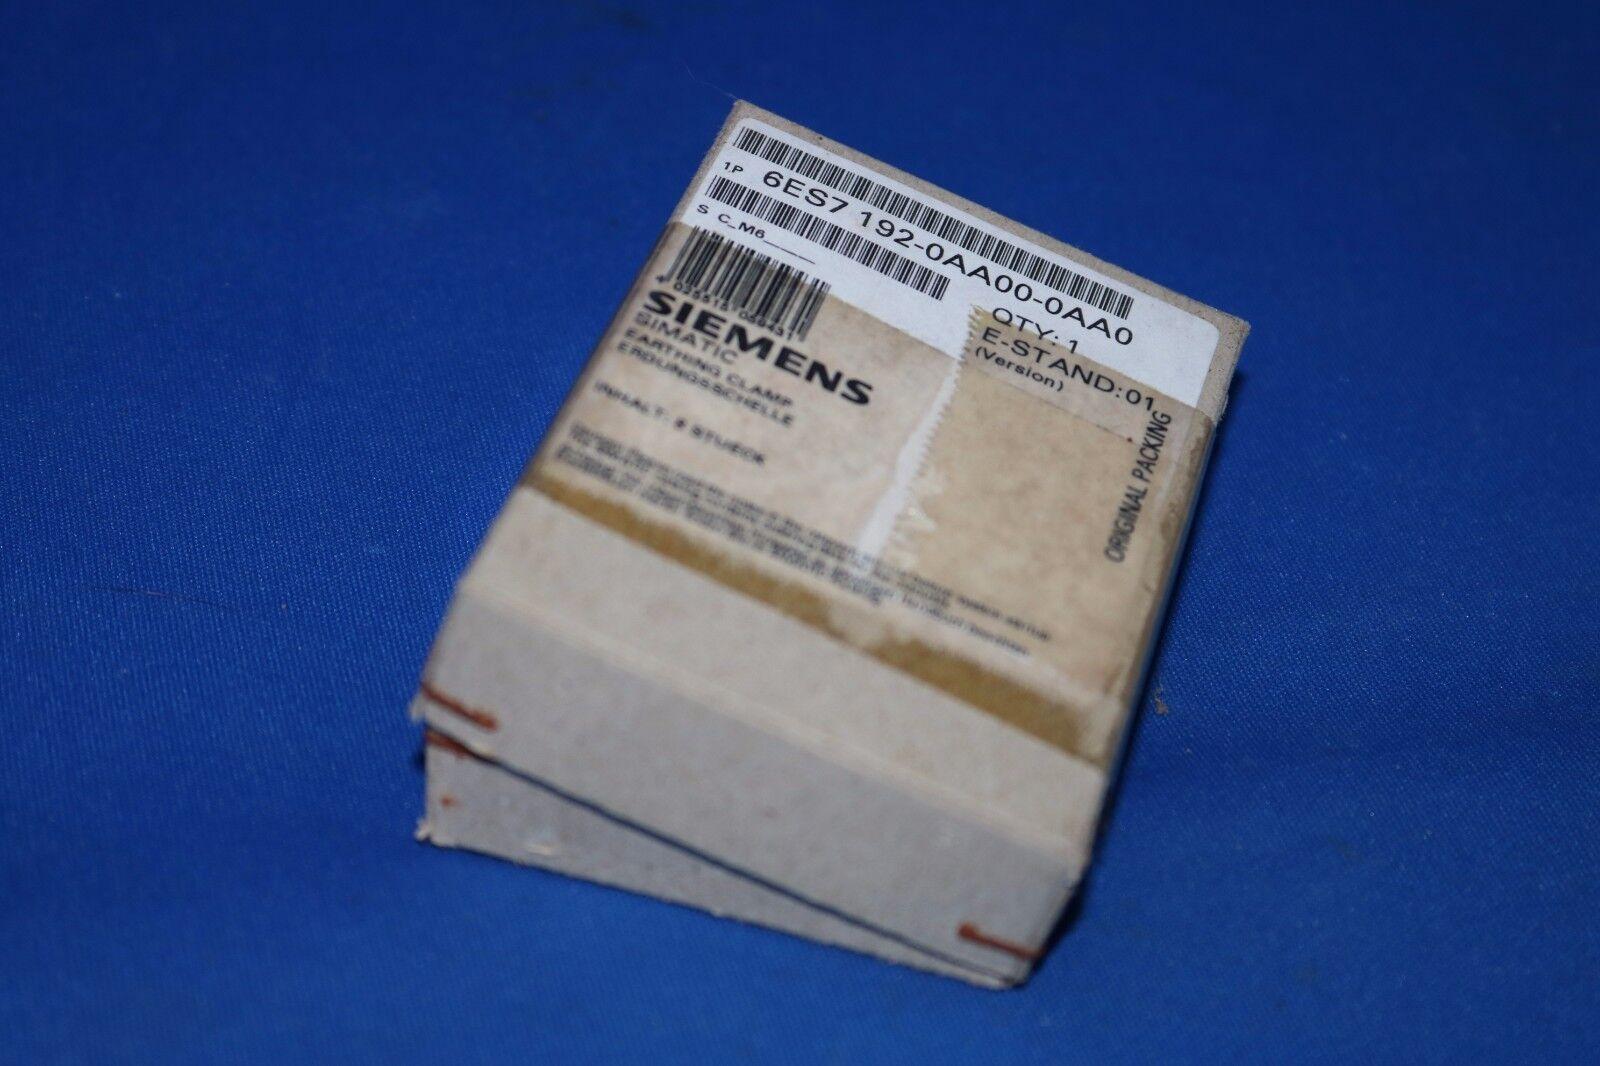 6ES7192-0AA00-0AA0 SHIELD TERMINAL F. ET200L-SC 8PCS 4..6 mm SHIELD DIAMETER